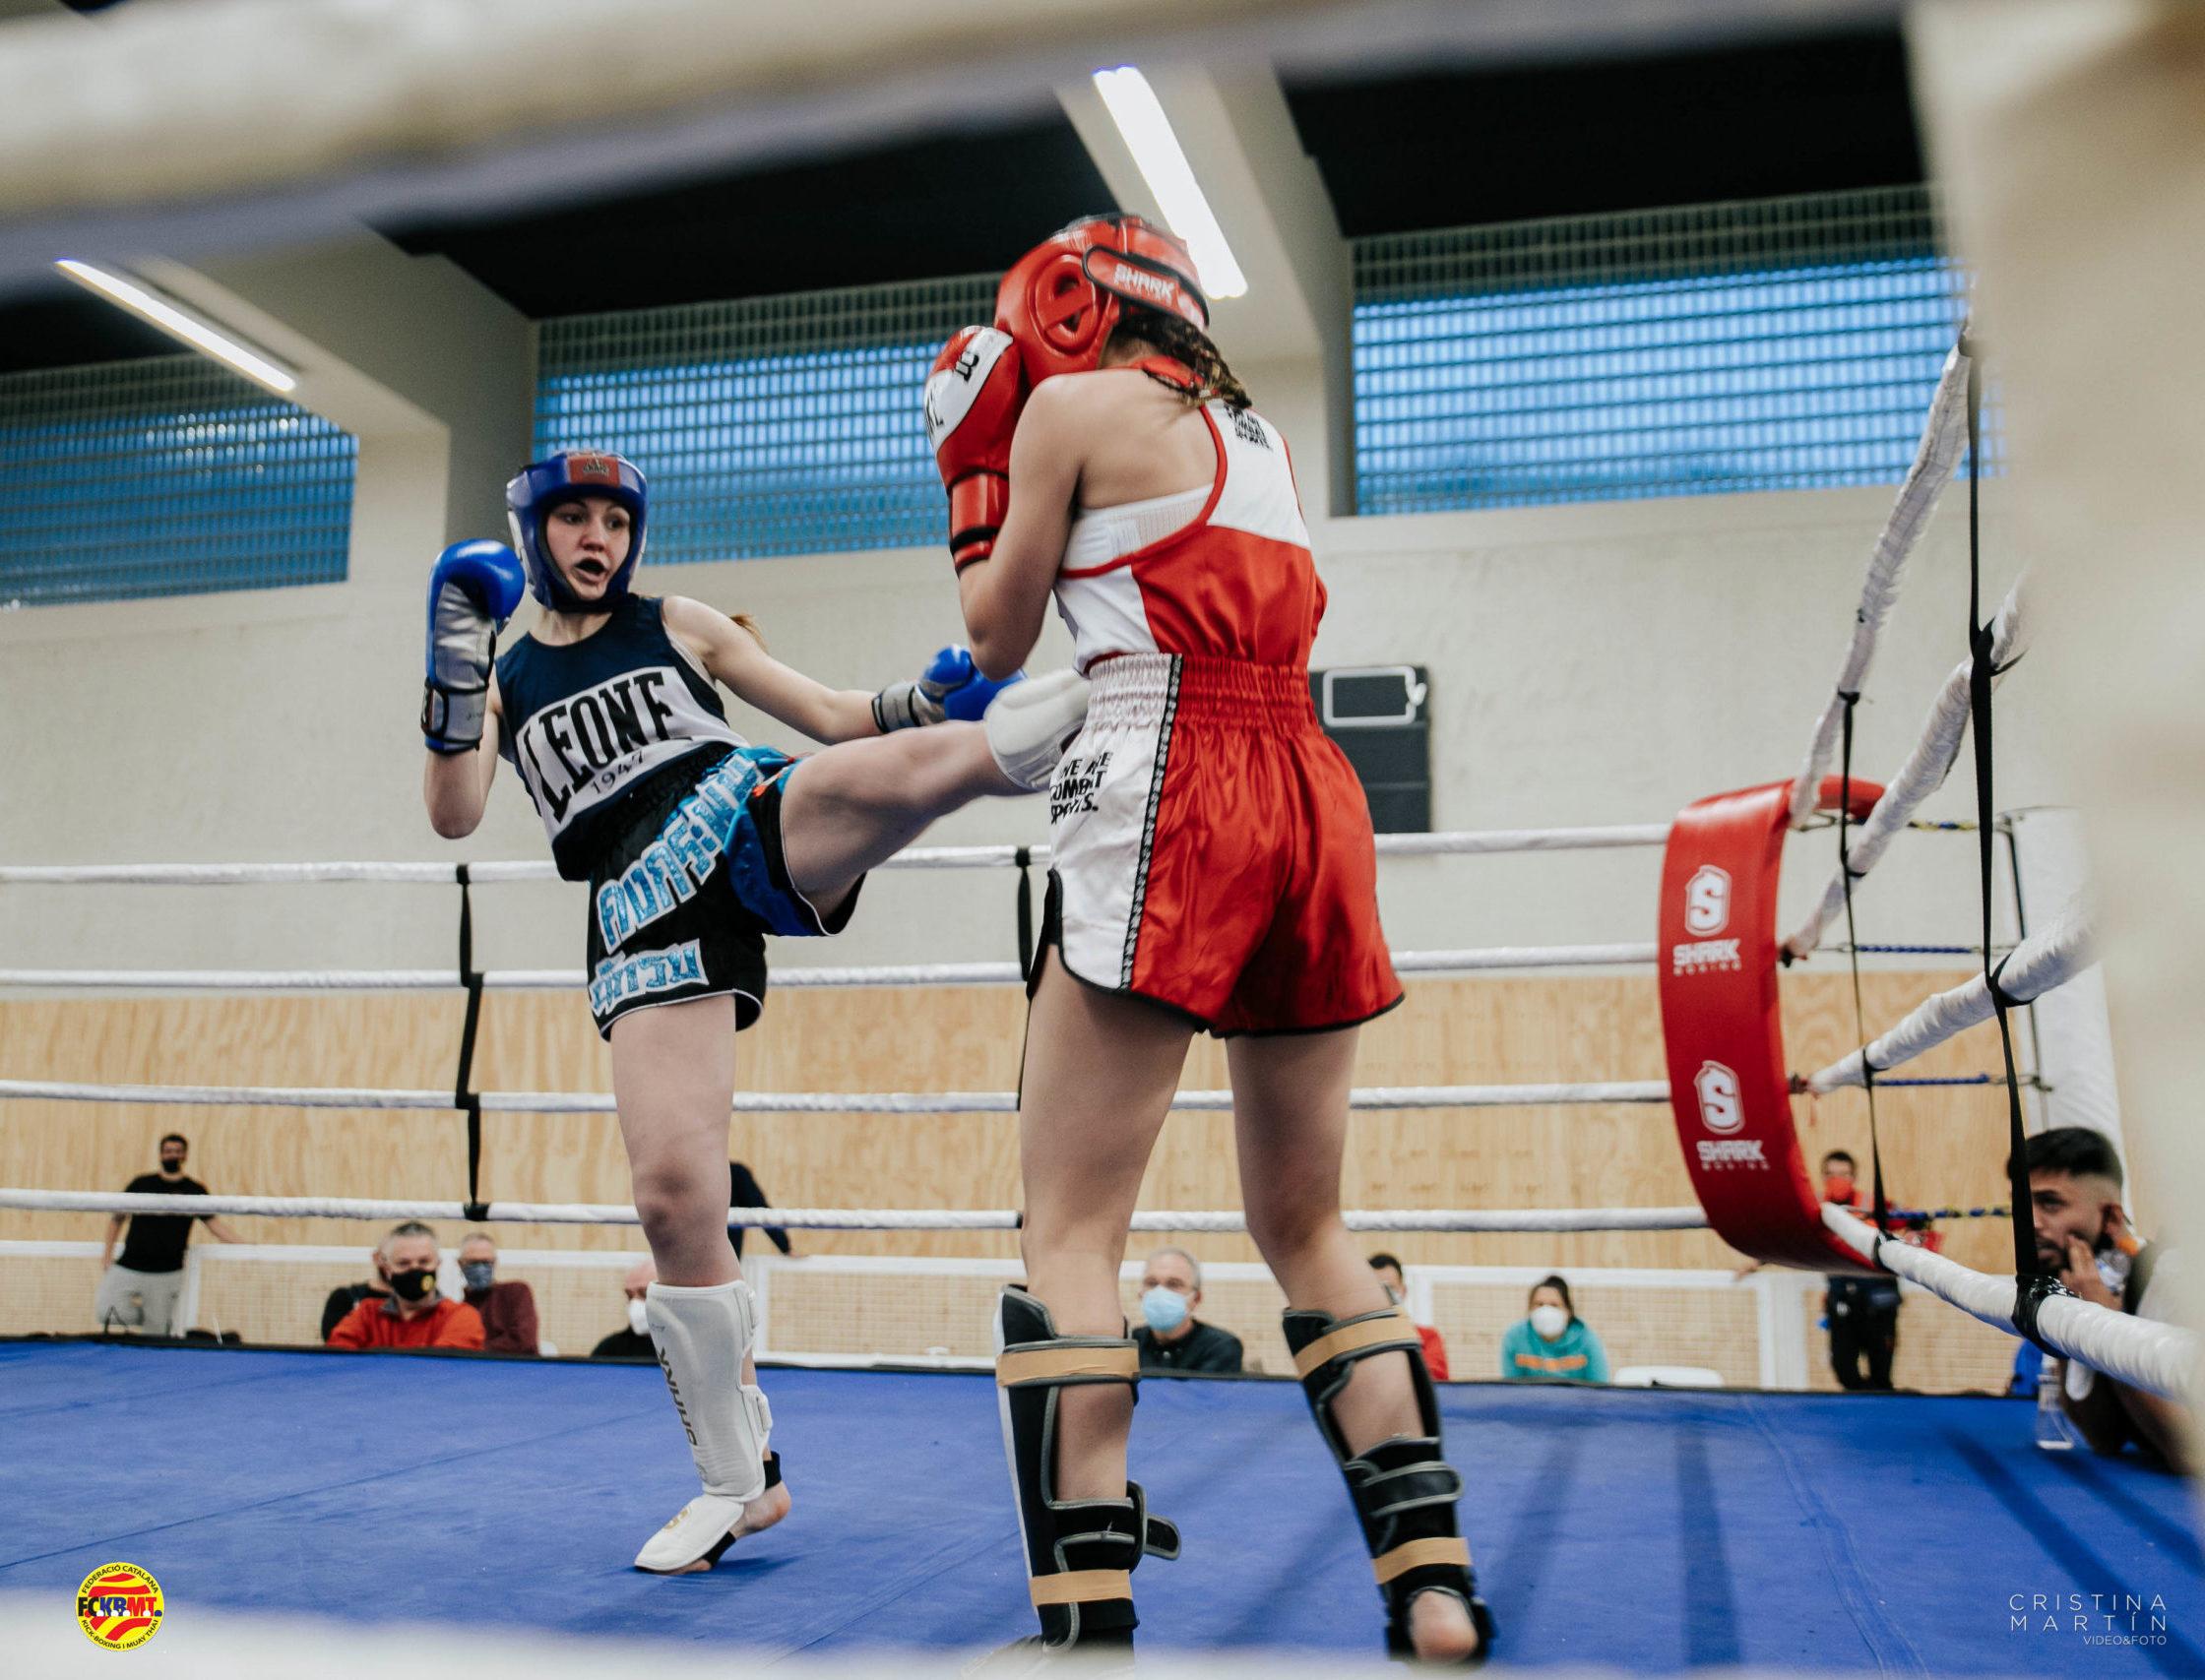 Combate en Ring de chicas con patada frontal de la contrincante de esquina azul